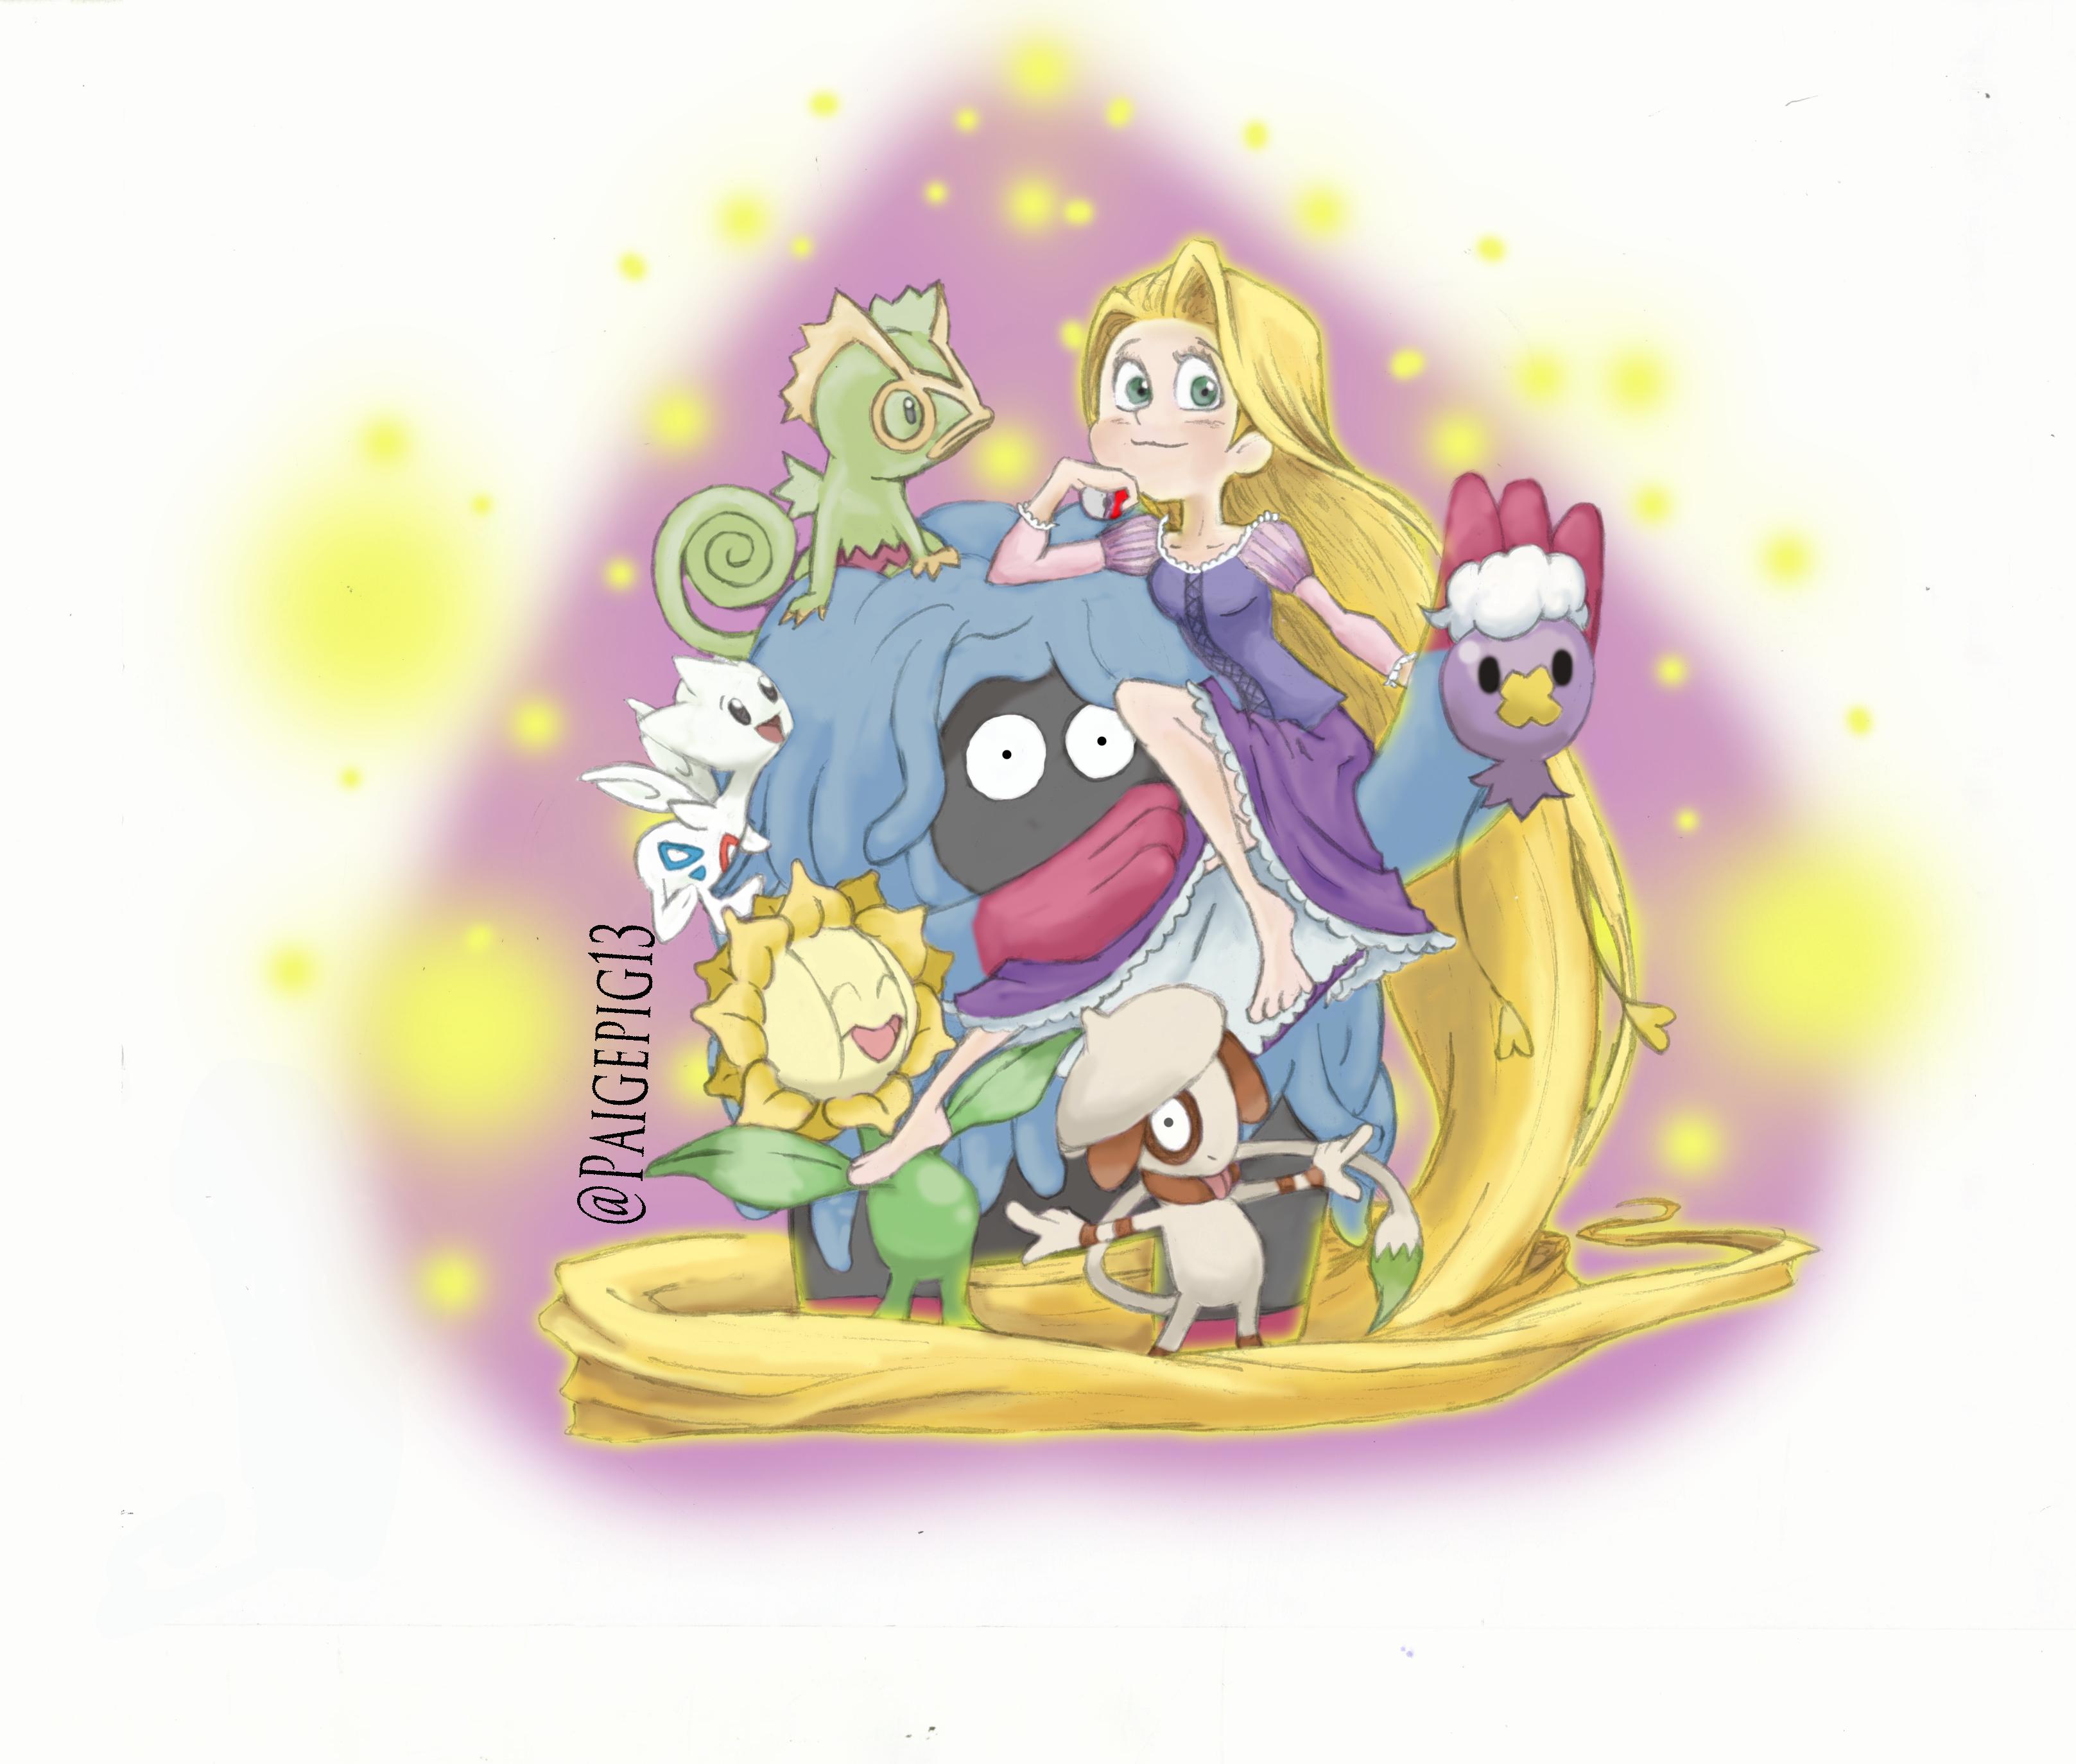 Suicune Pokémon Wiki FANDOM powered by Wikia